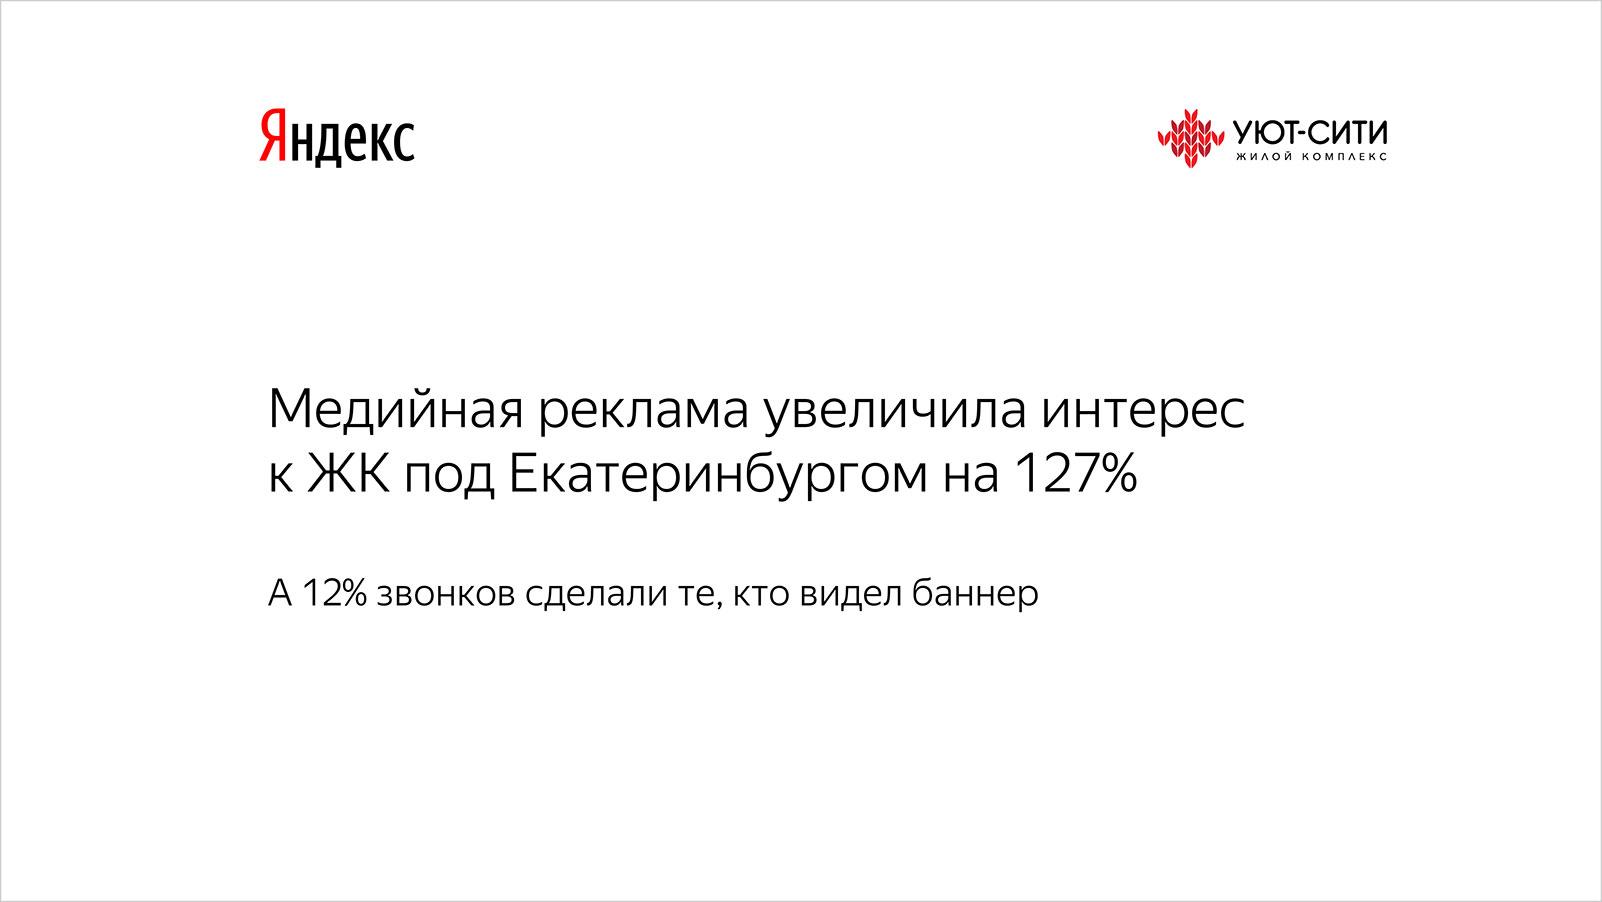 Эффект медийной рекламы для ЖКпод Екатеринбургом: +127% рост брендового интереса